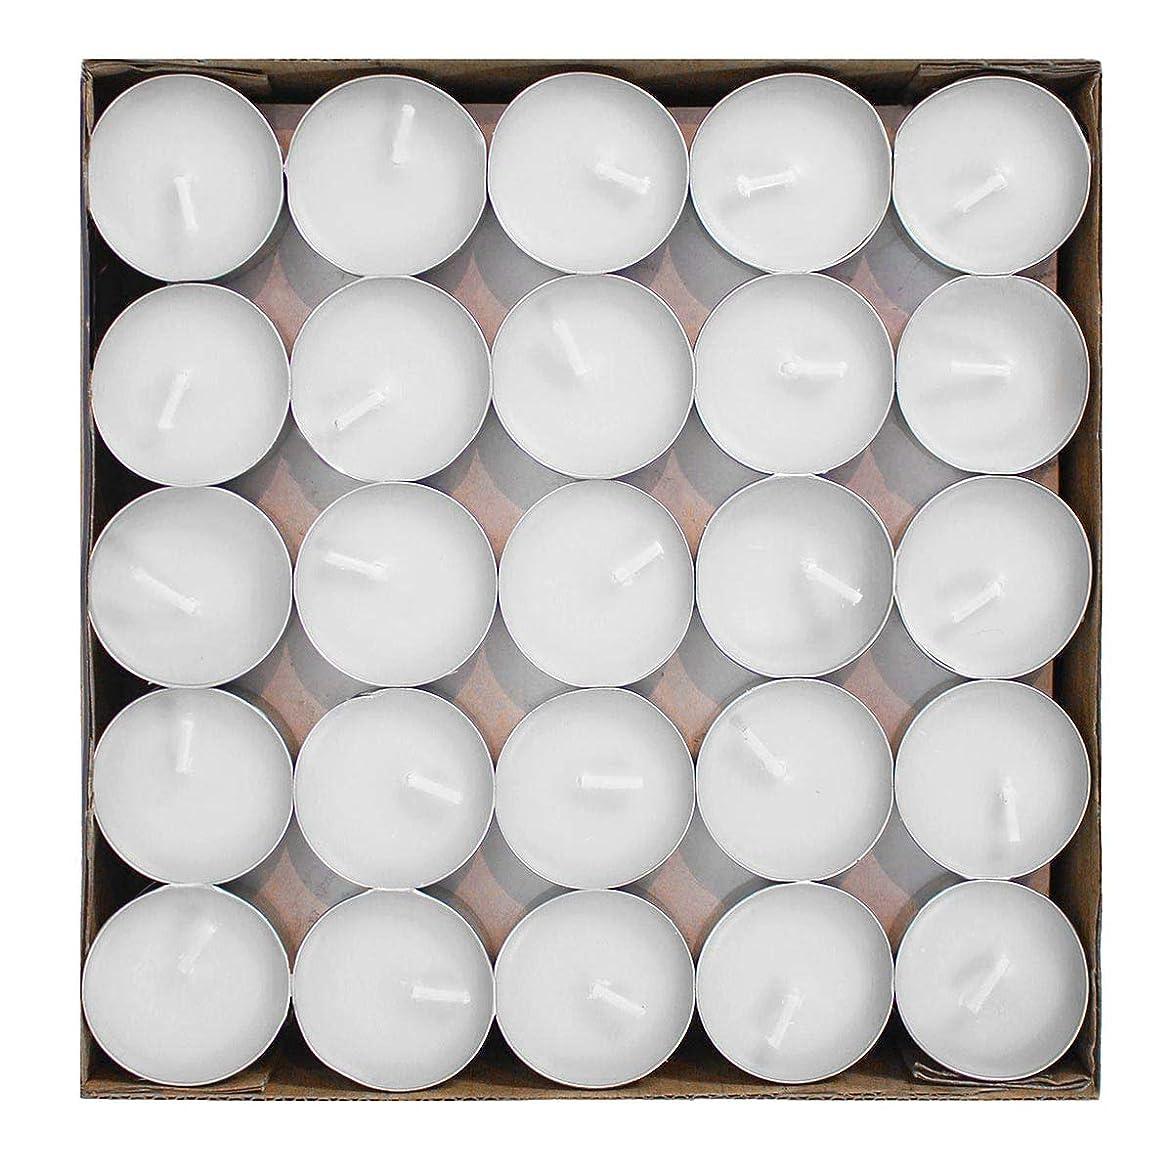 興奮する玉合金Hwagui ろうそく お茶アロマ キャンドル アロマ キャンドル ロウソク 人気 香り 約1.5-2時間 50個 ZH004